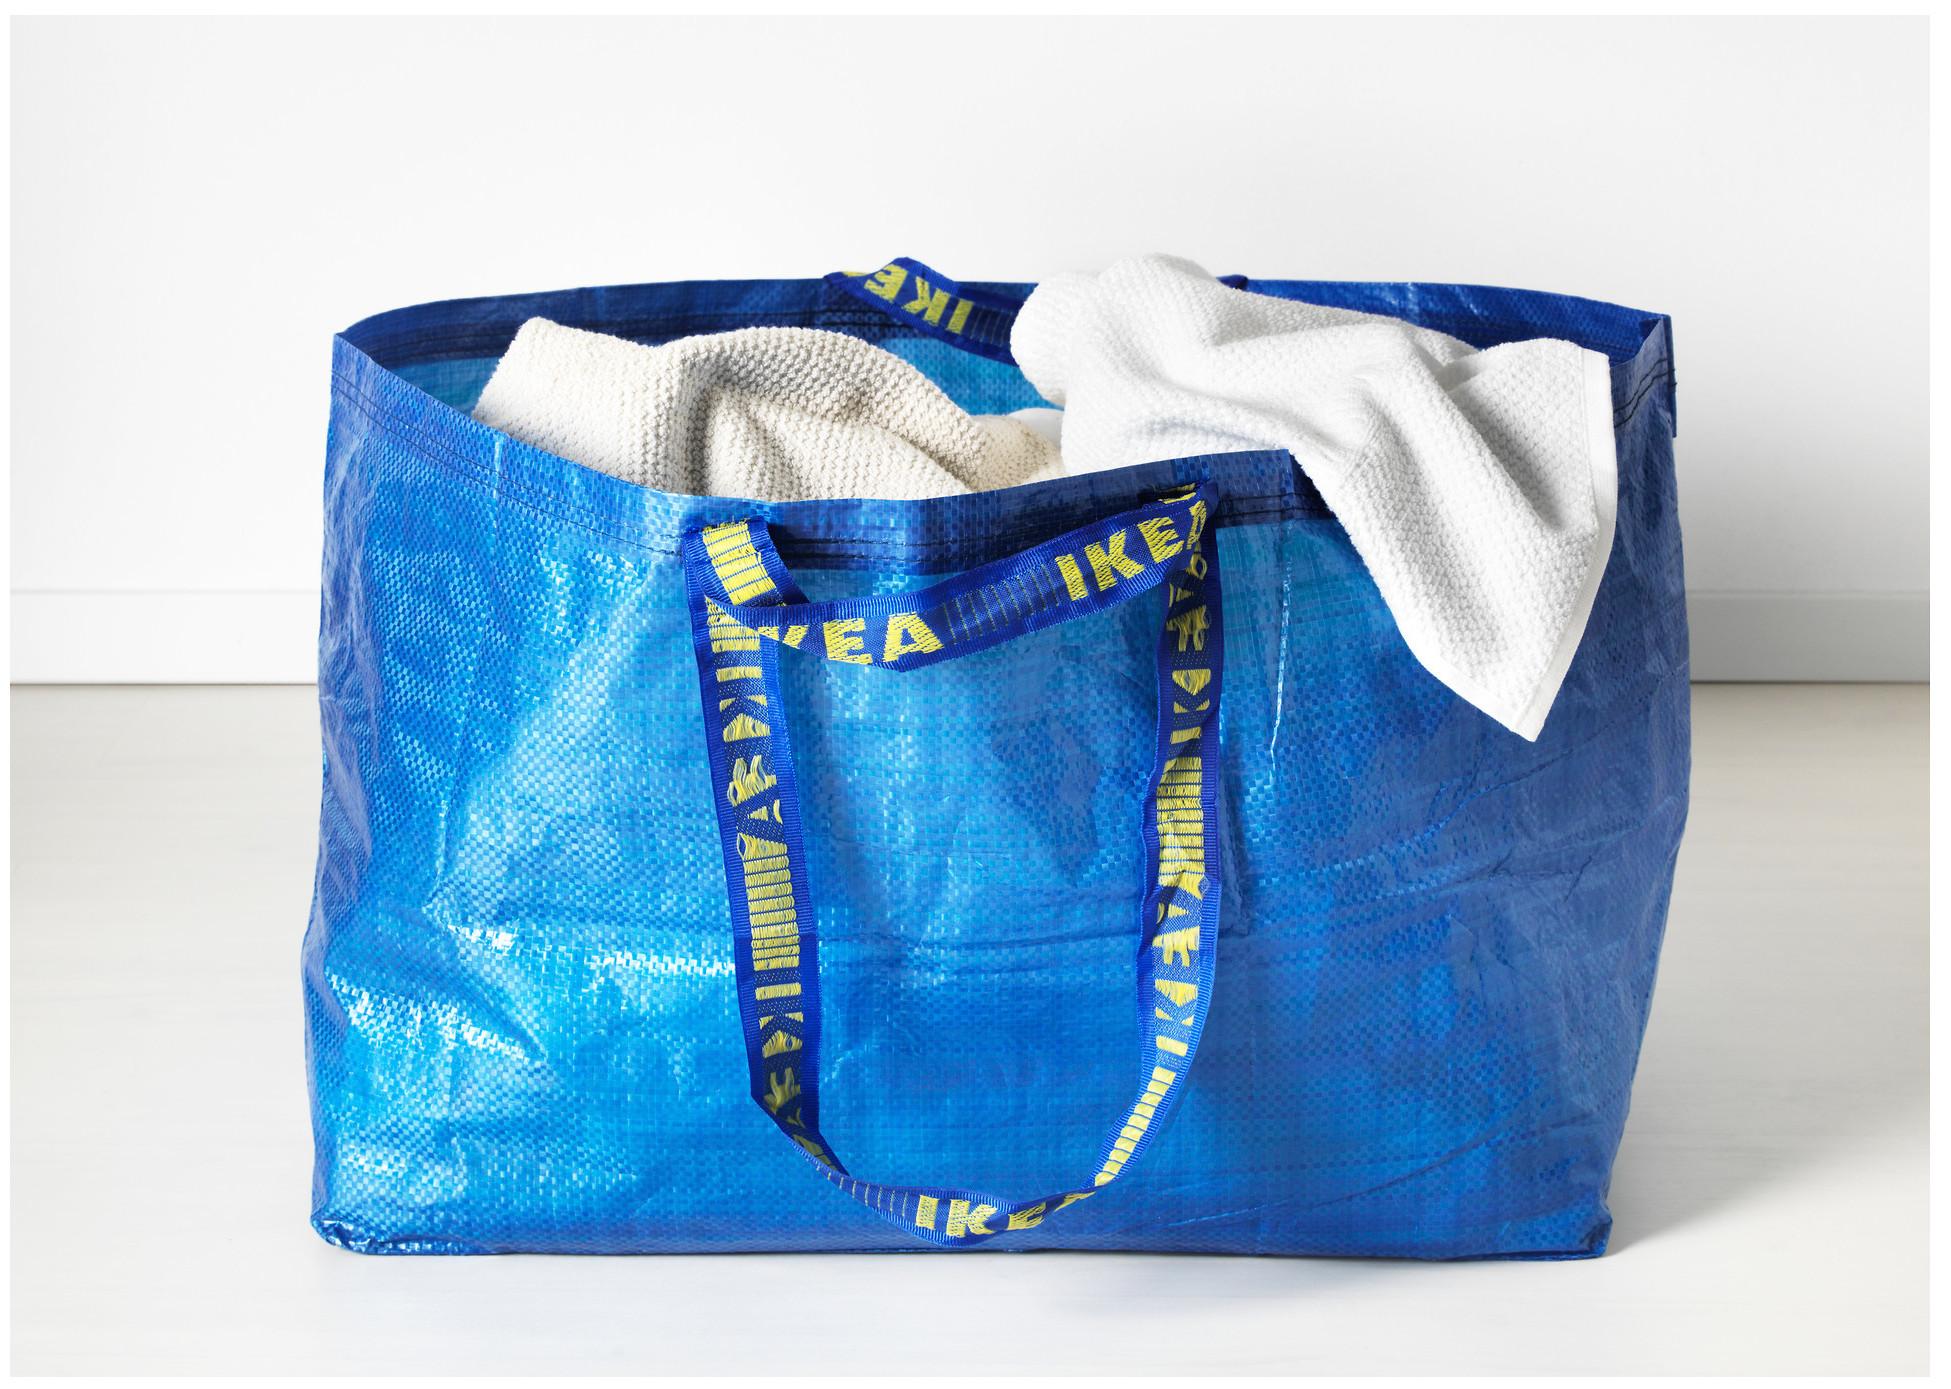 14 cosas que ya no podr s hacer con la bolsa azul de ikea - Cosas de ikea ...